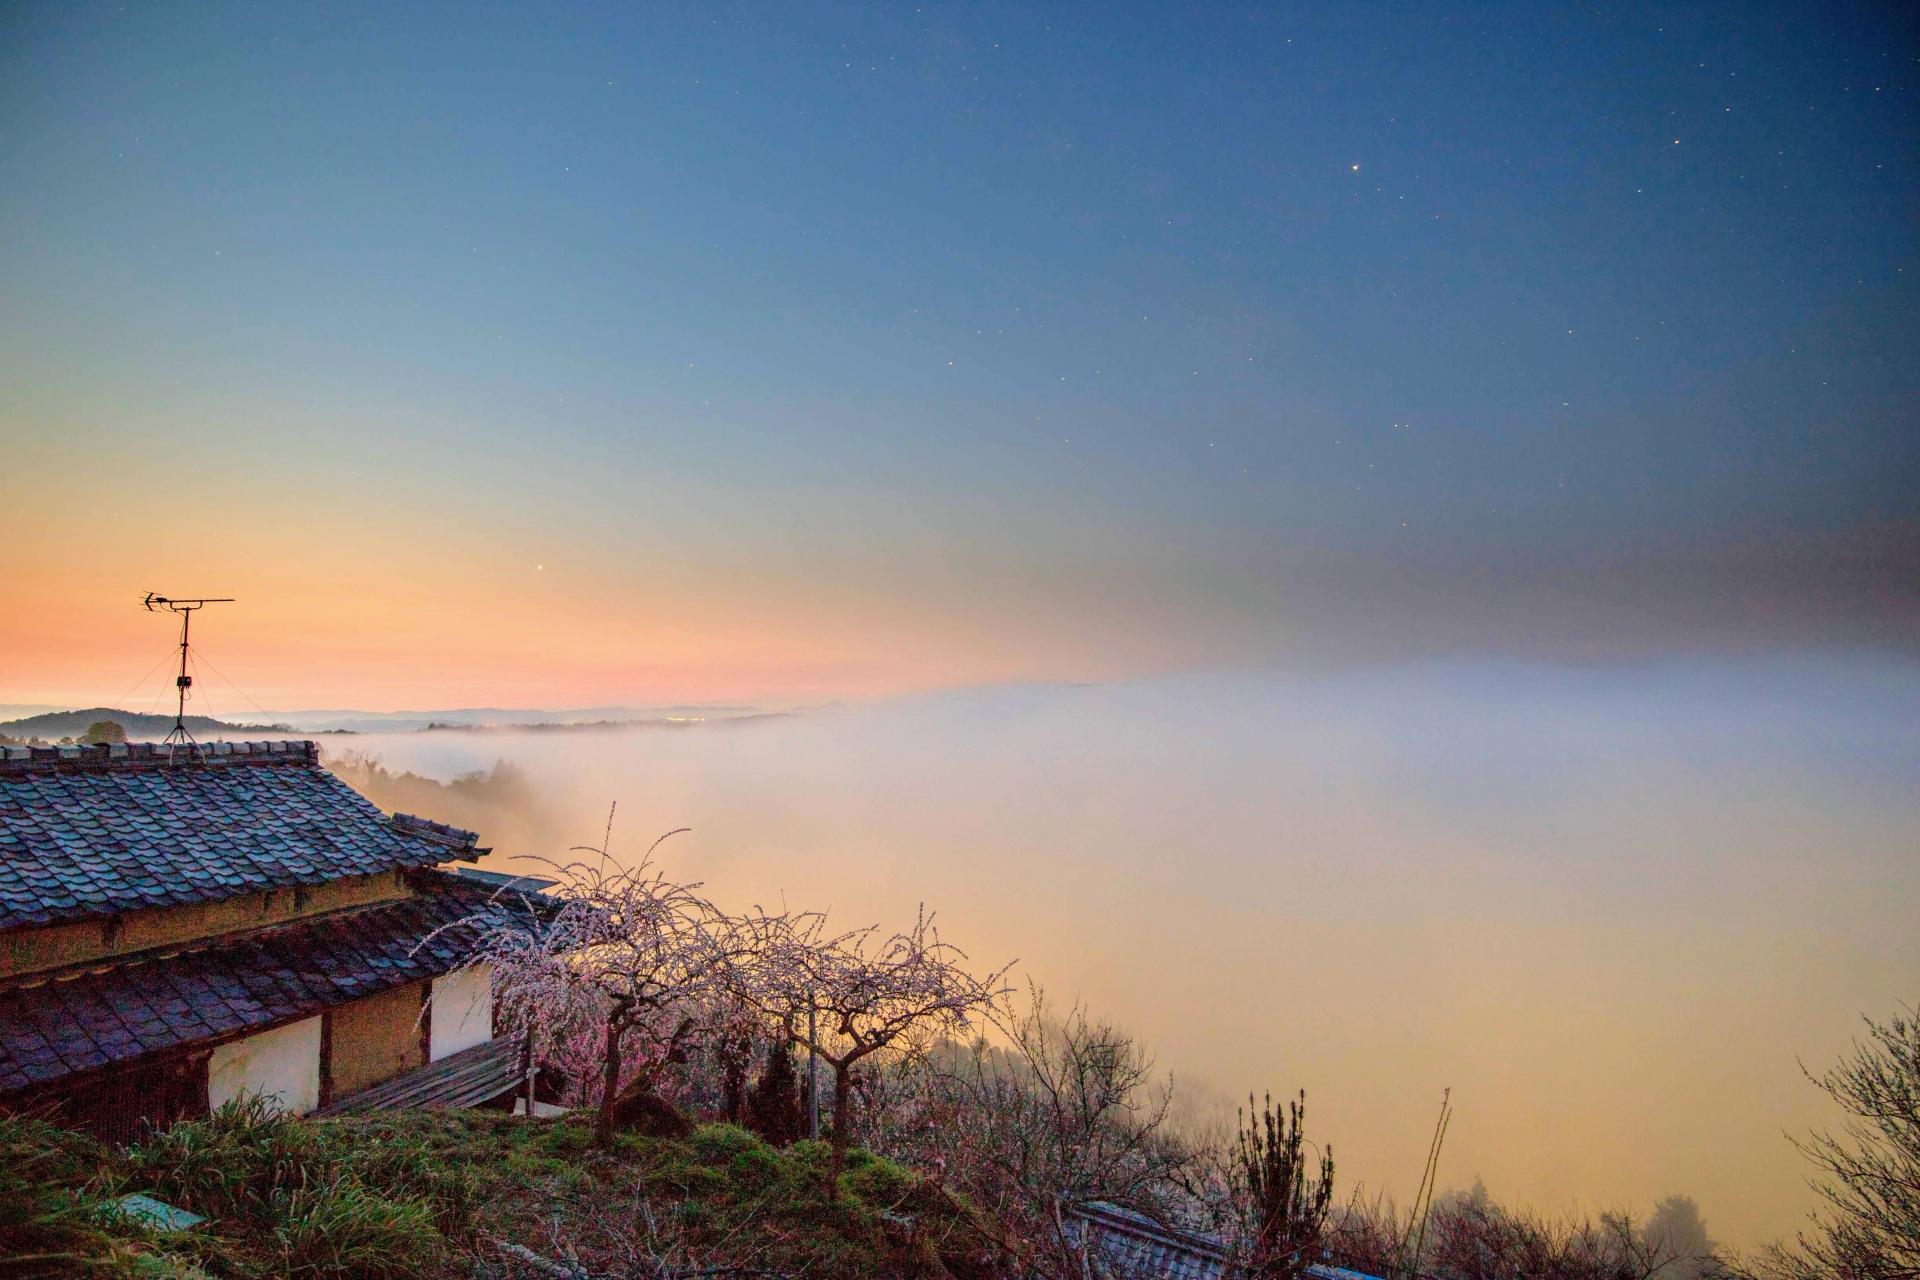 2347150_m 奈良県  月ヶ瀬梅林(約1万本の梅が咲く春におすすめの絶景スポット!雲海も見所! 写真の紹介、アクセス情報や駐車場情報など)